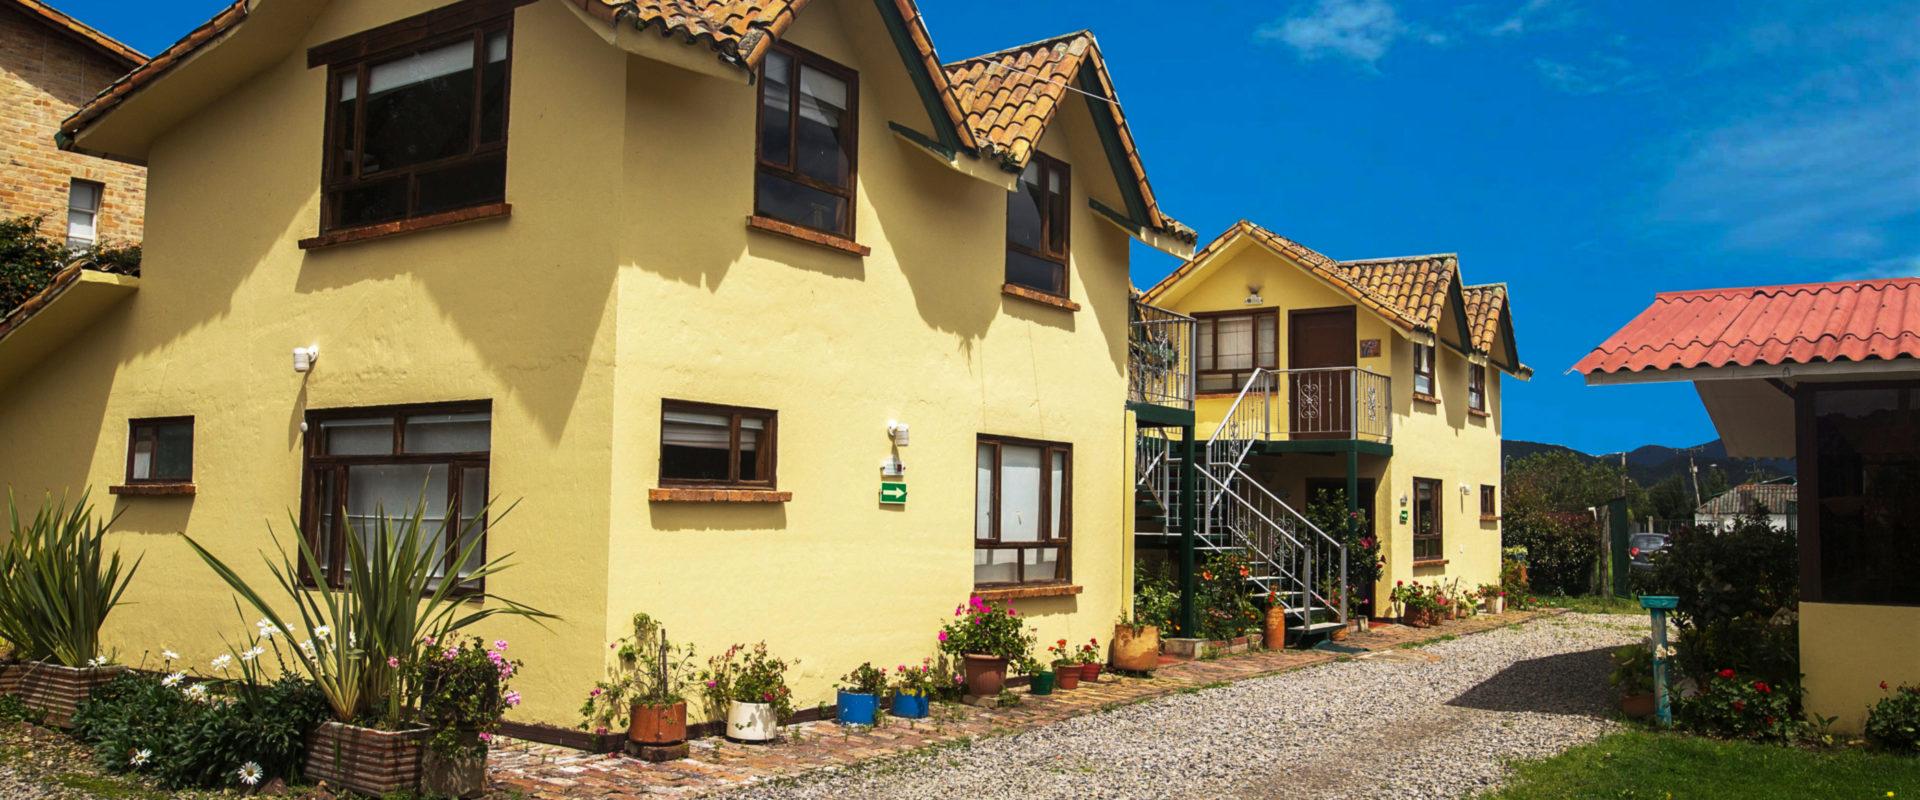 Permalink to: Bienvenidos al Hotel Portal de Las Flores